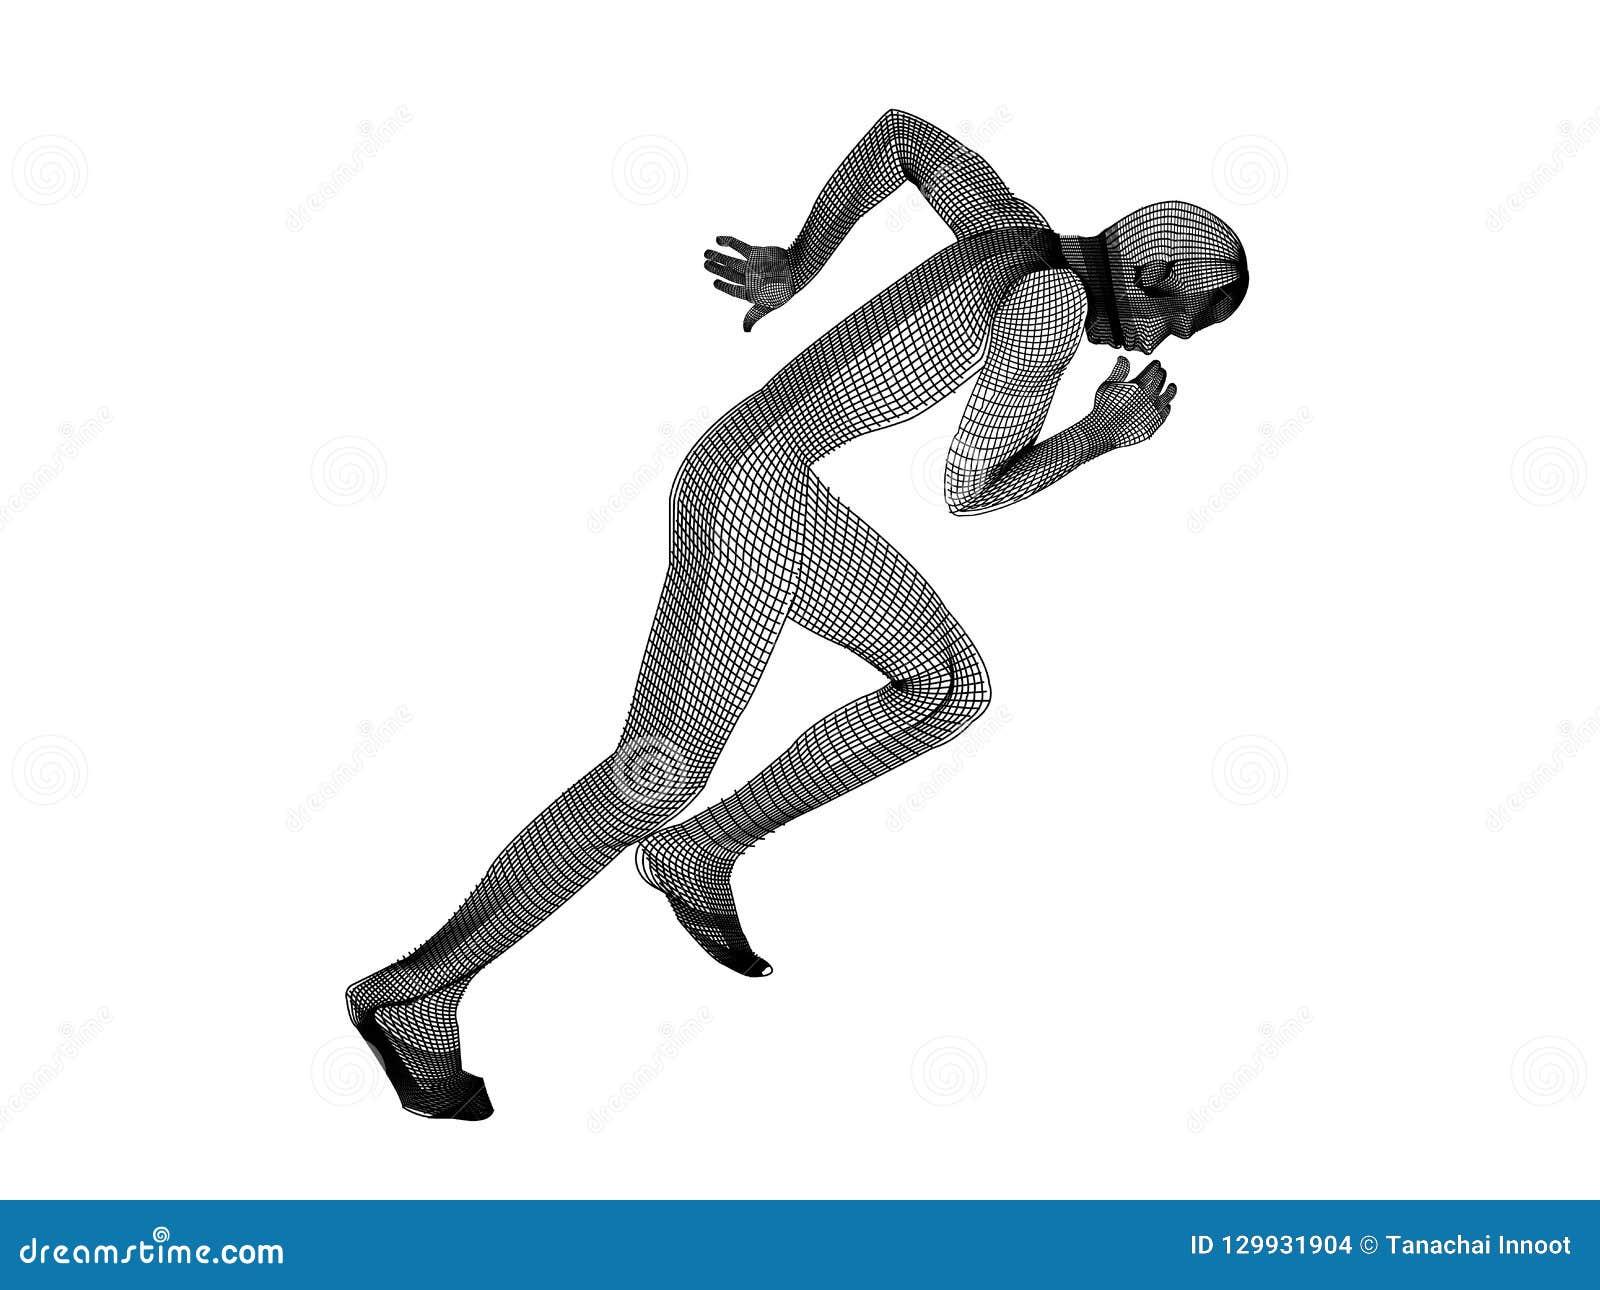 The mesh running man white